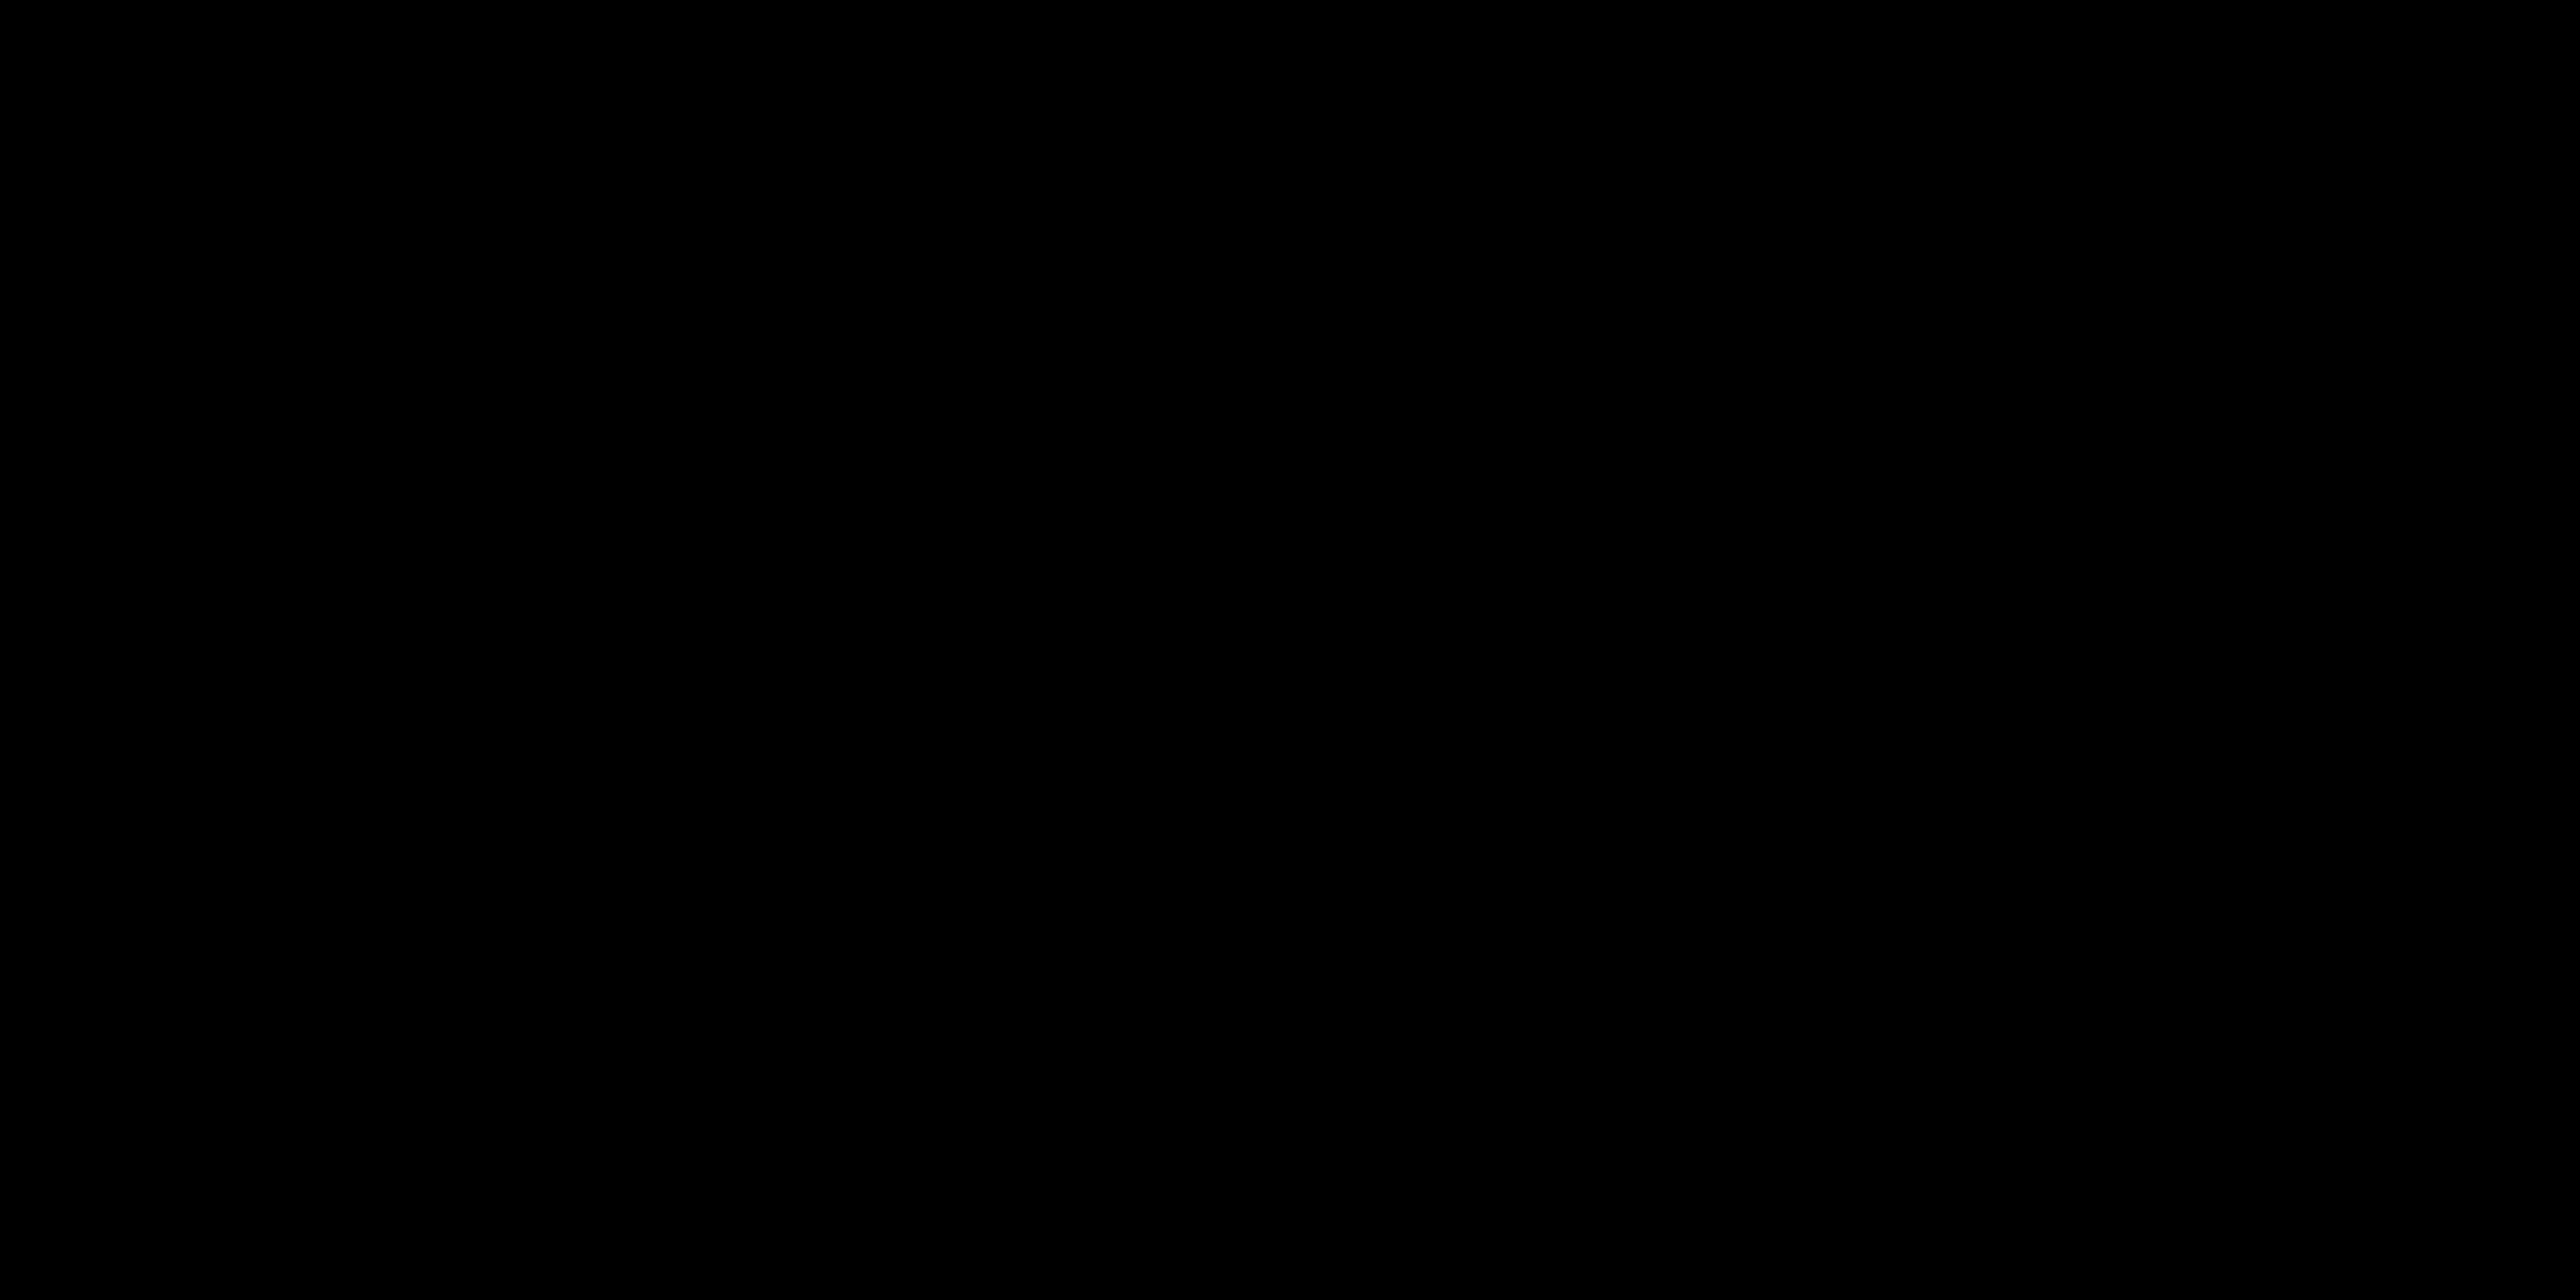 Compressores de Ar Comprimido - MECSUL